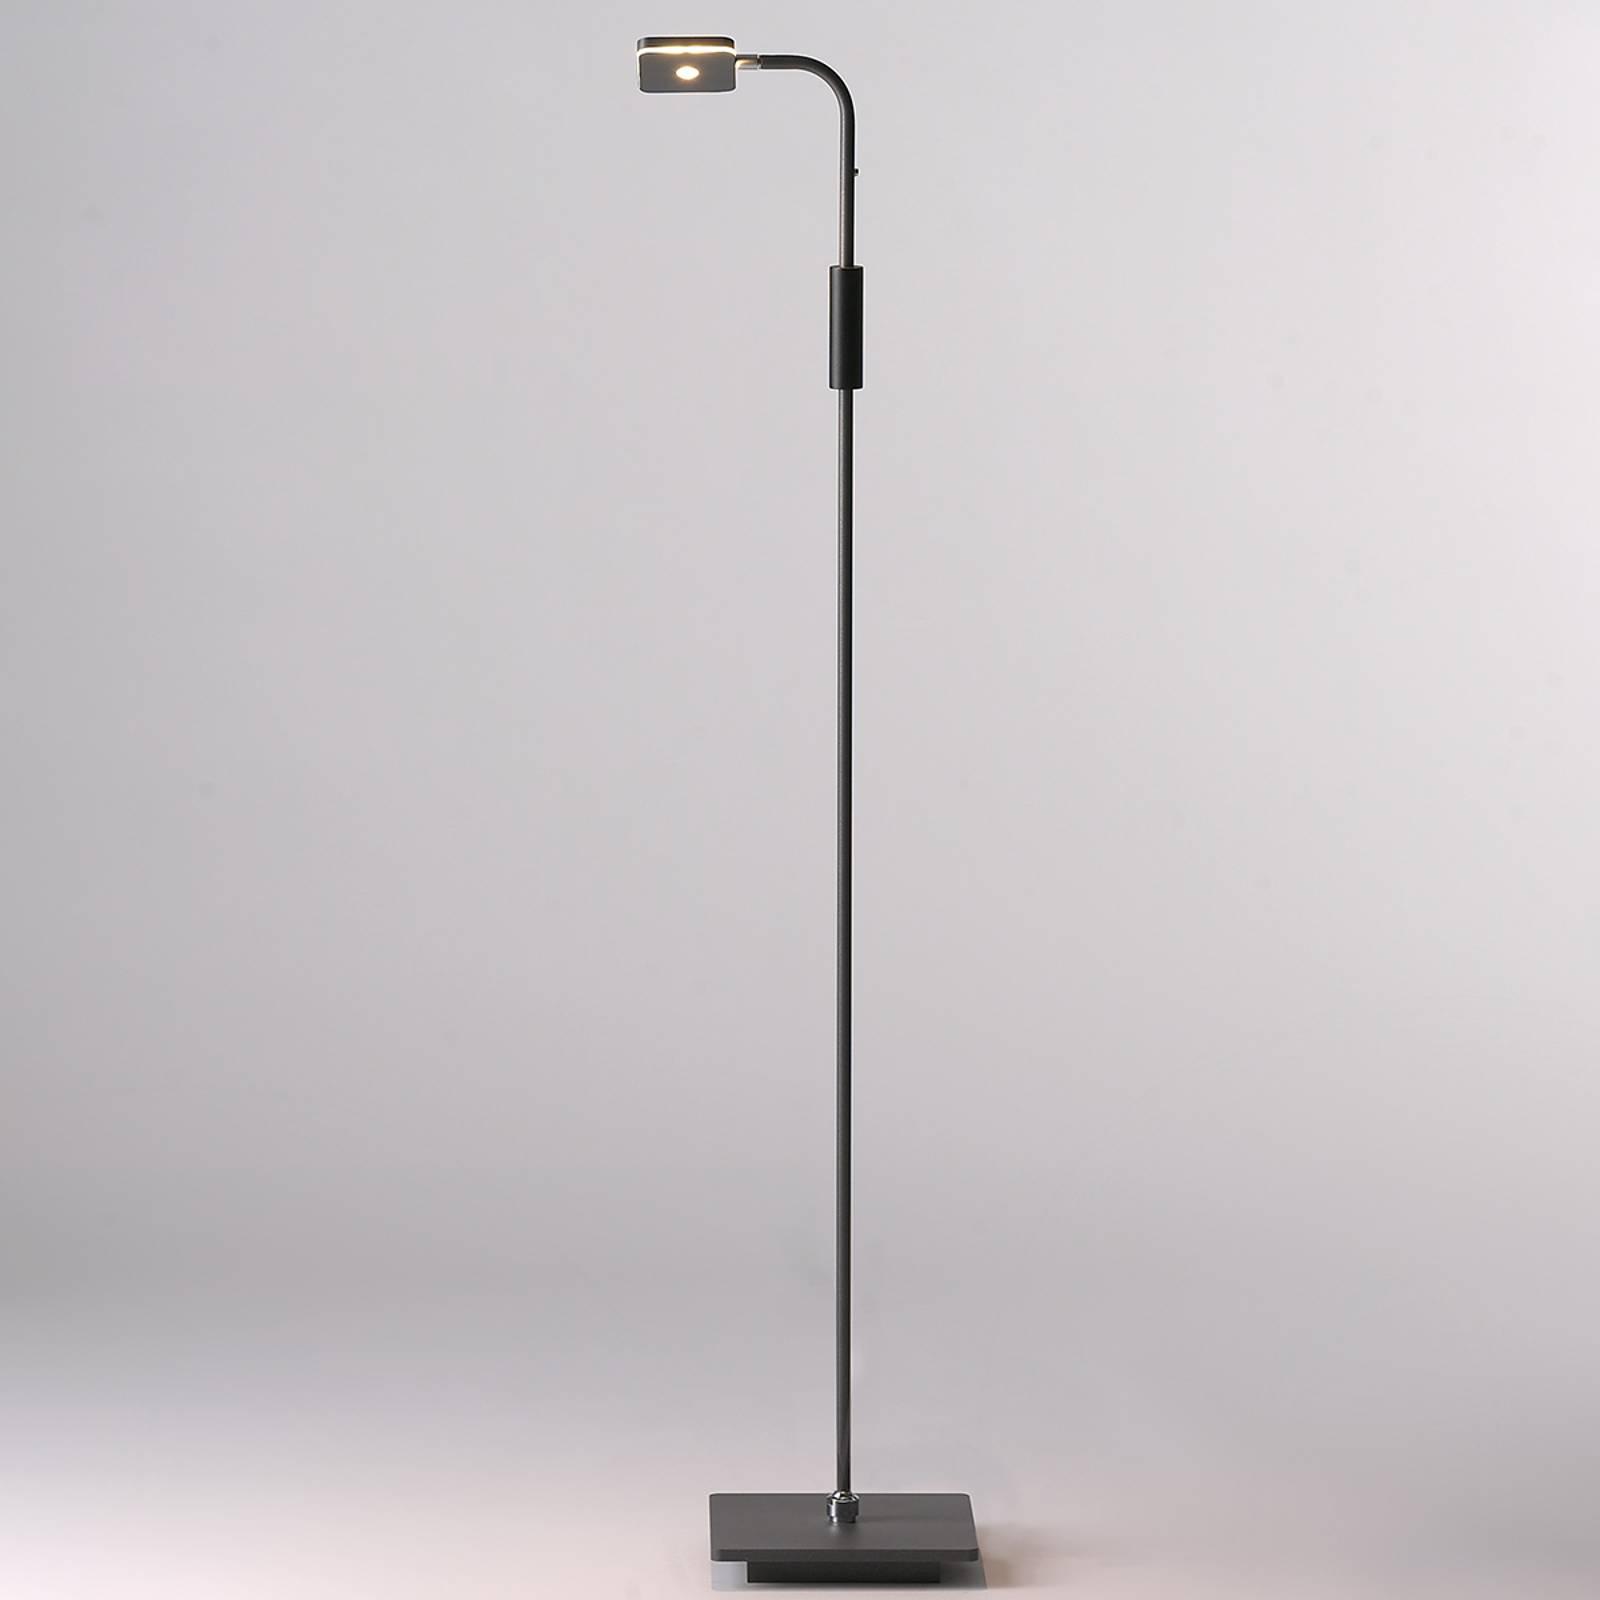 Bopp Move LED-Stehleuchte mit Akku, anthraztit